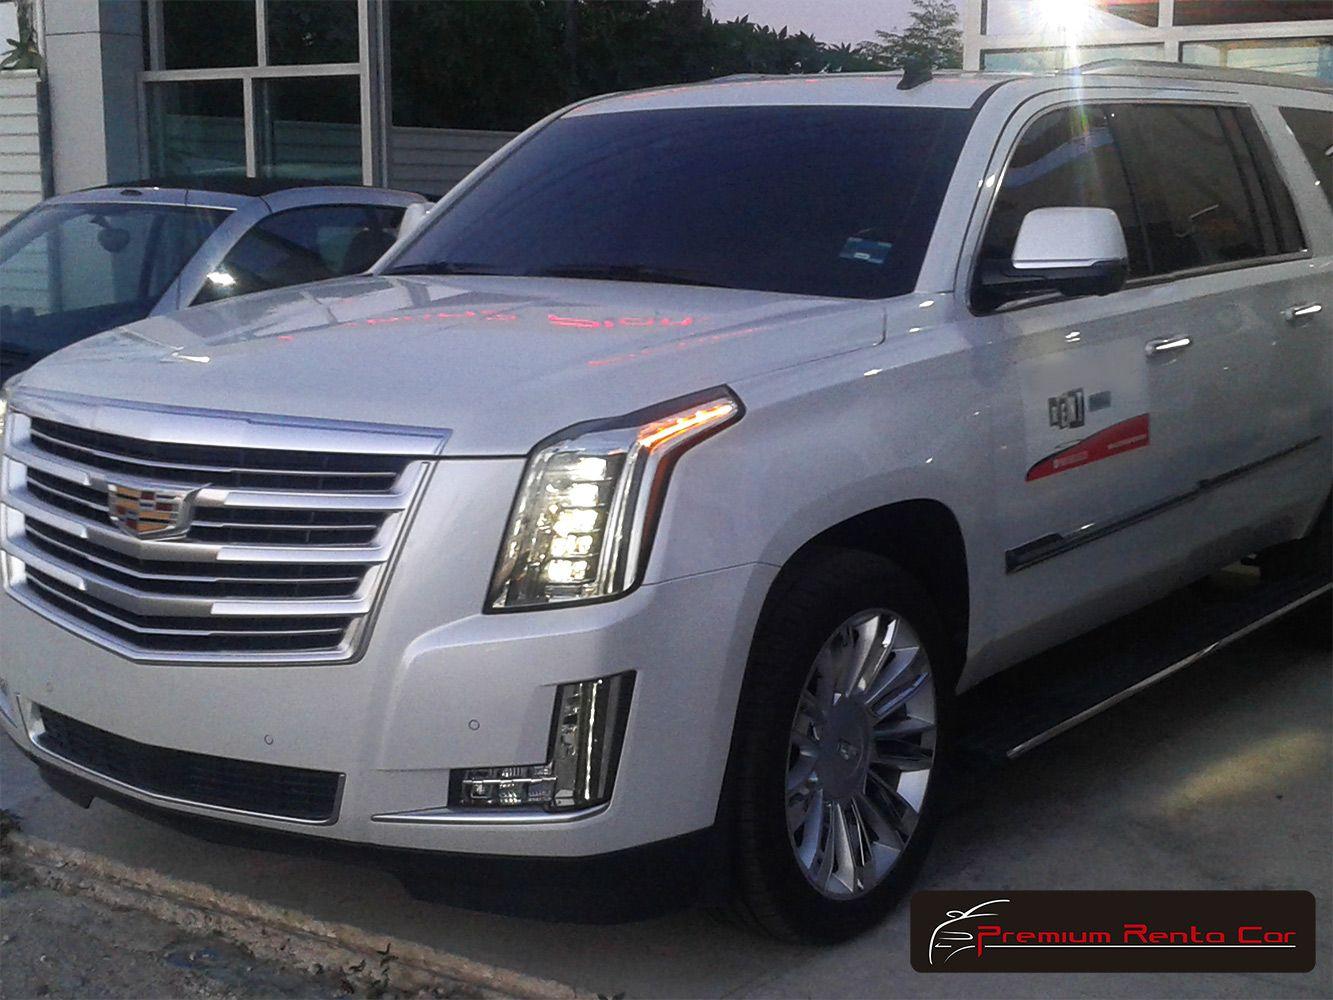 Cadillac escalade platinum 2016 color blanco 2016 cadillac escalade platinum white